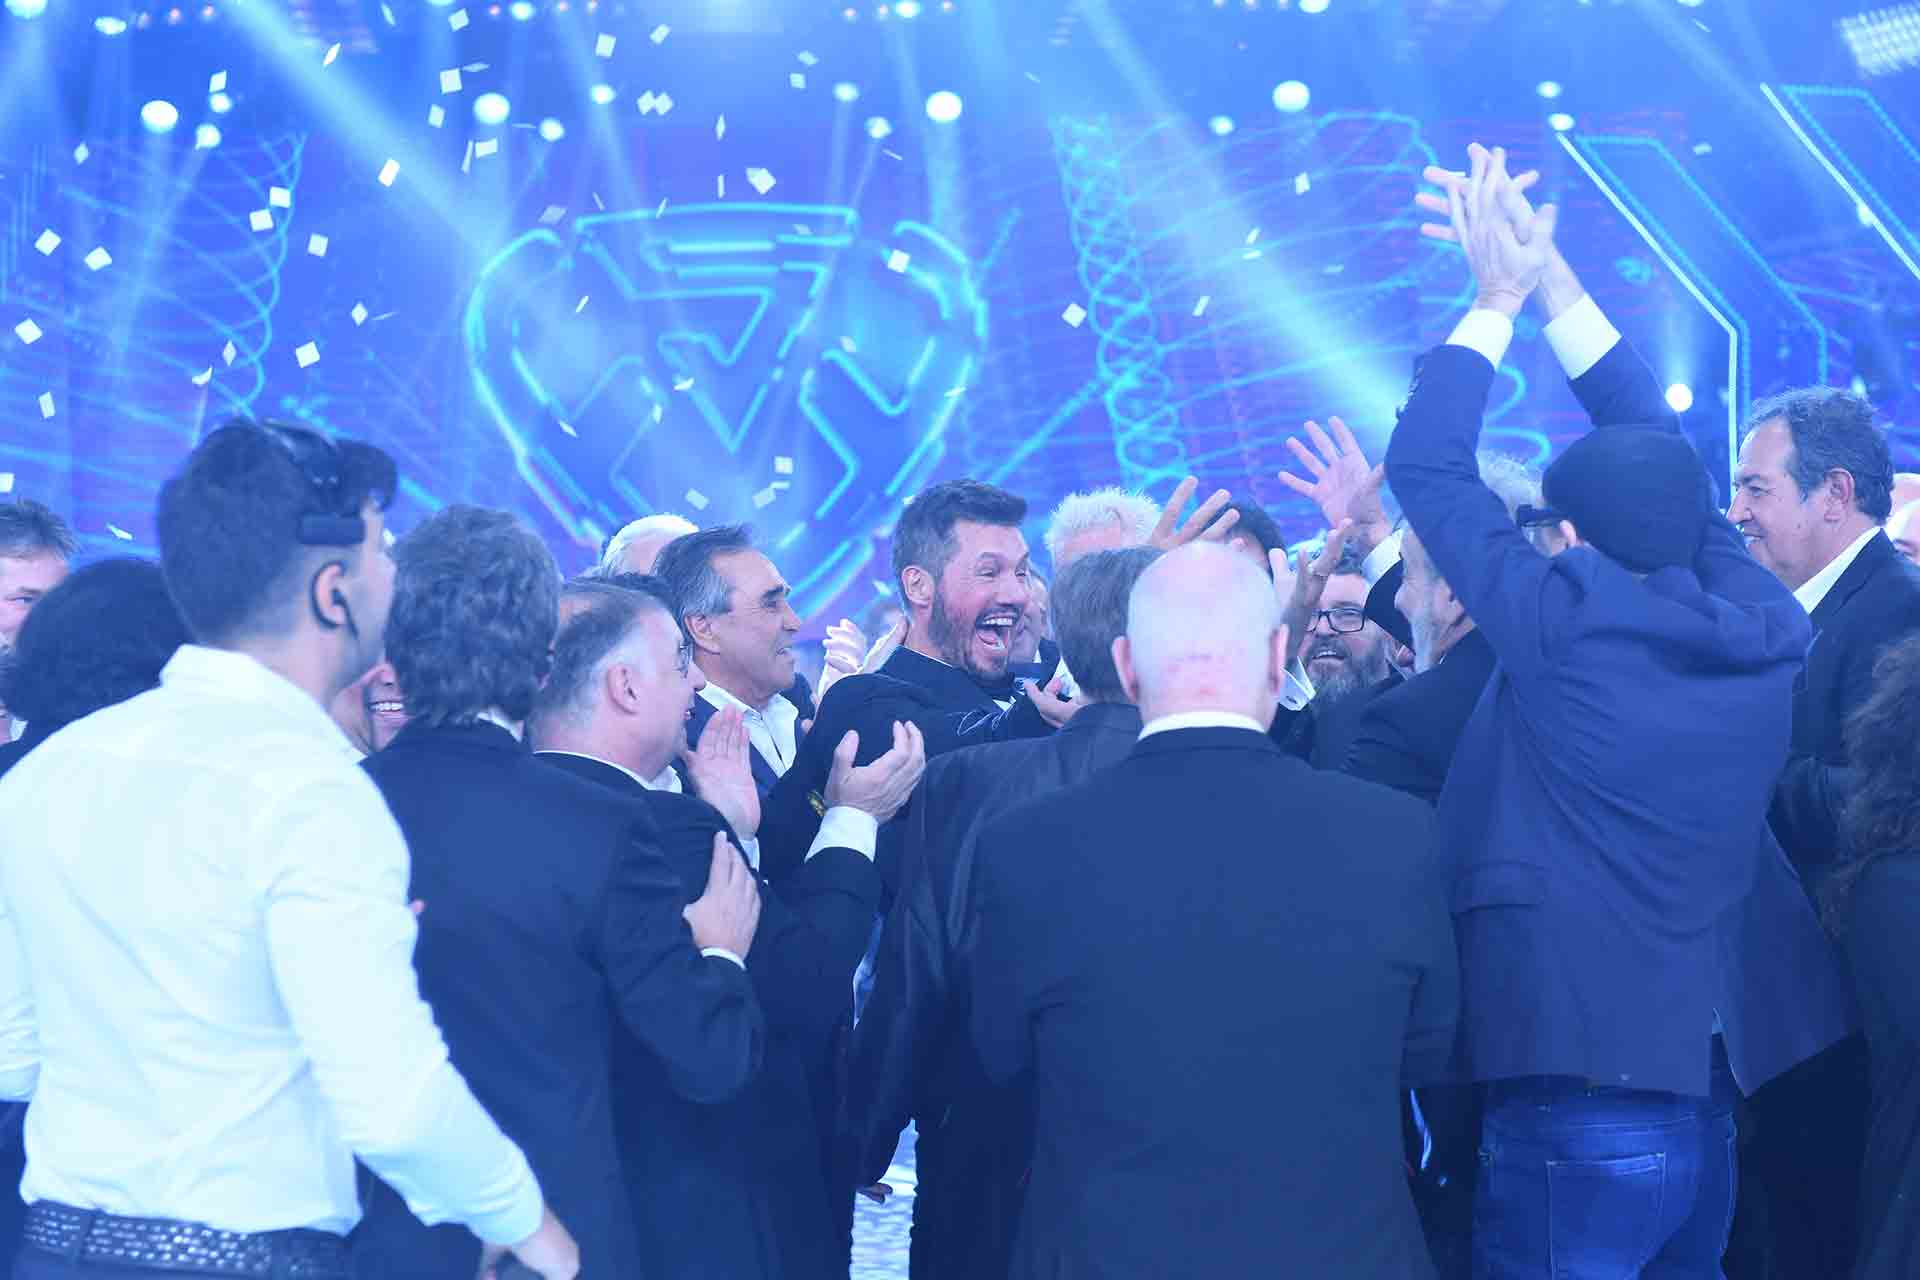 Toda la emoción de Tinelli y su equipo en la apertura del Show.